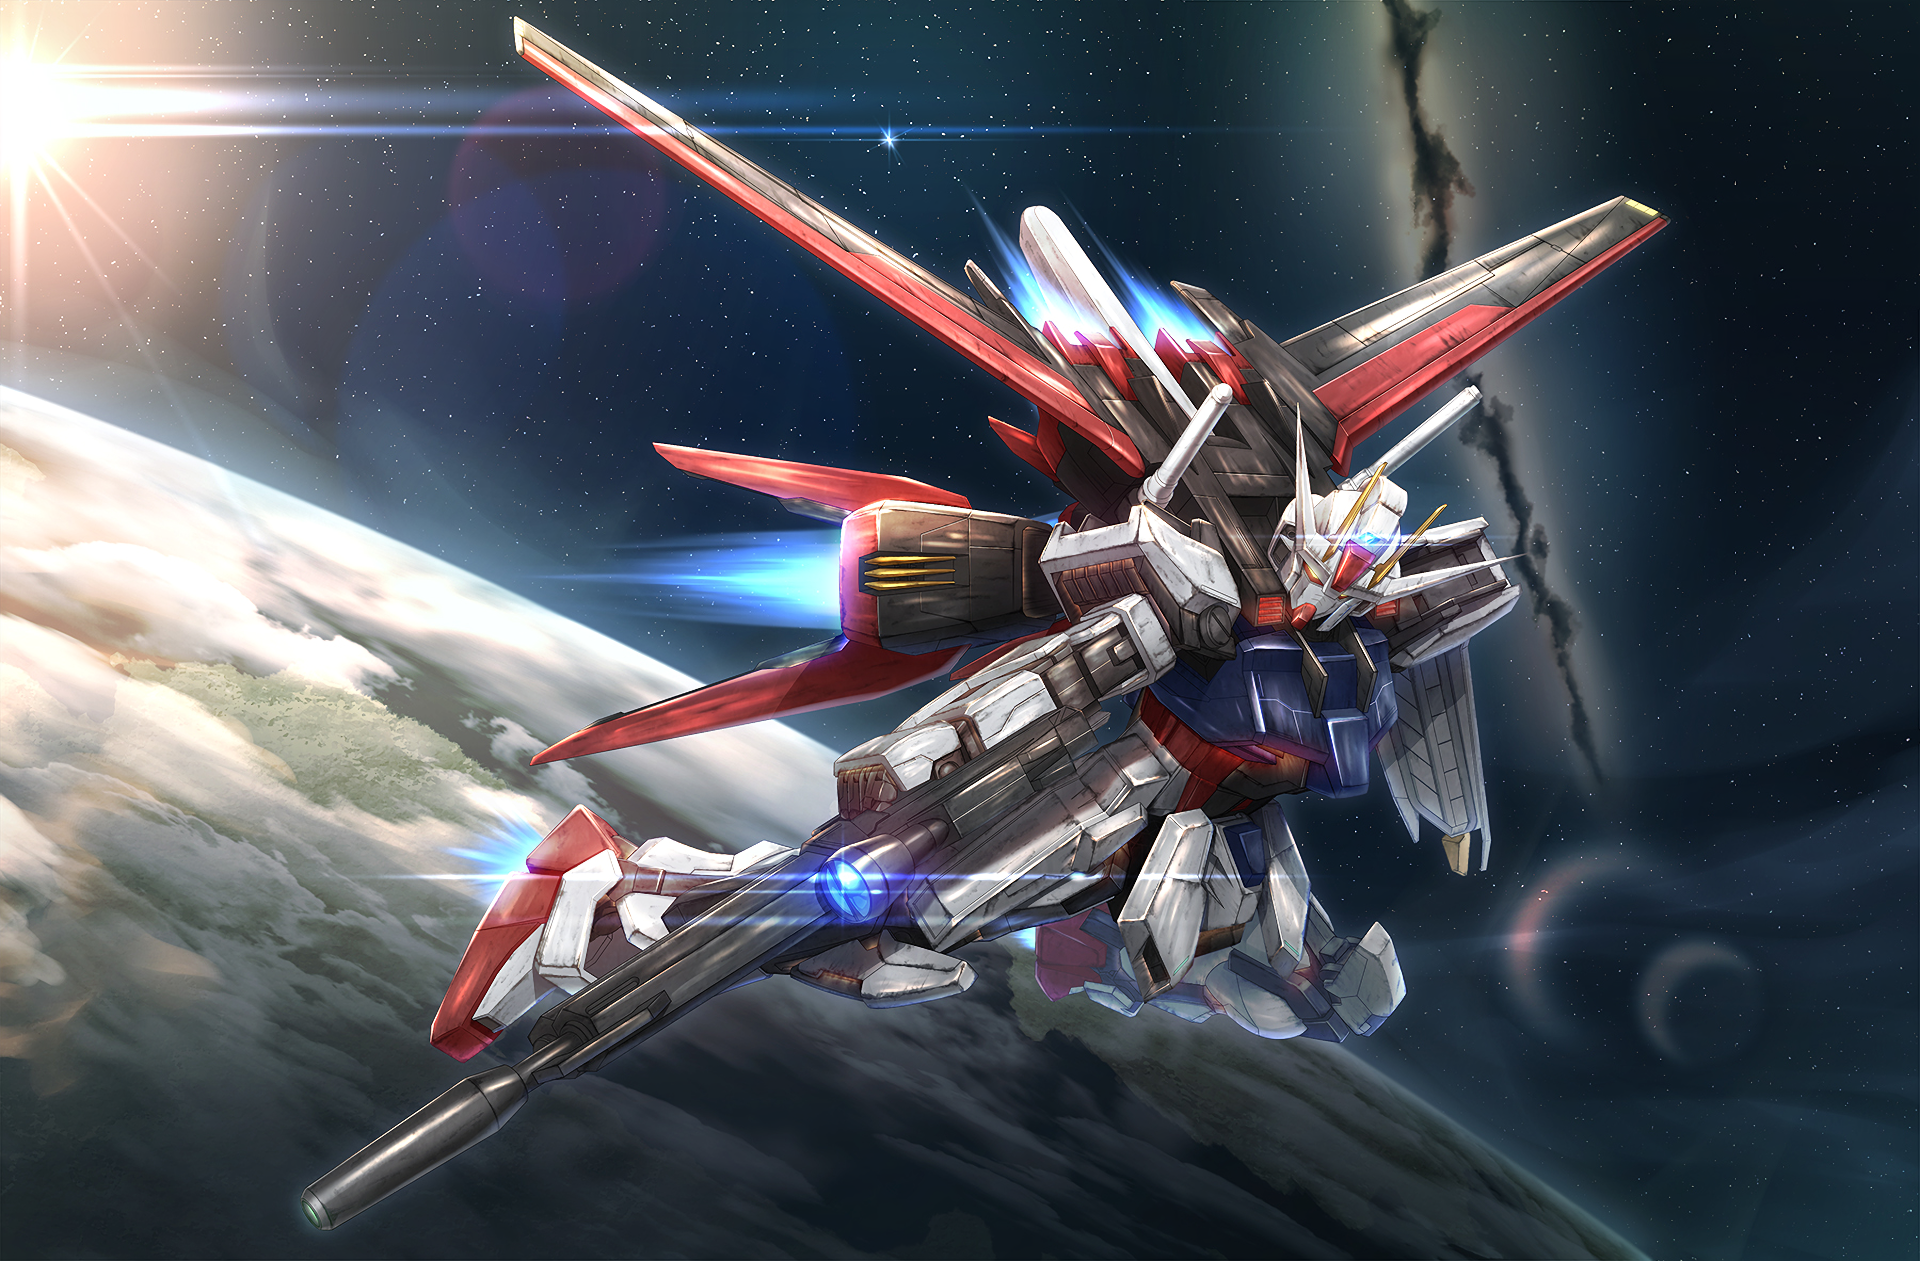 Mobile Suit Gundam Wallpapers Hd (Dengan gambar) Alam